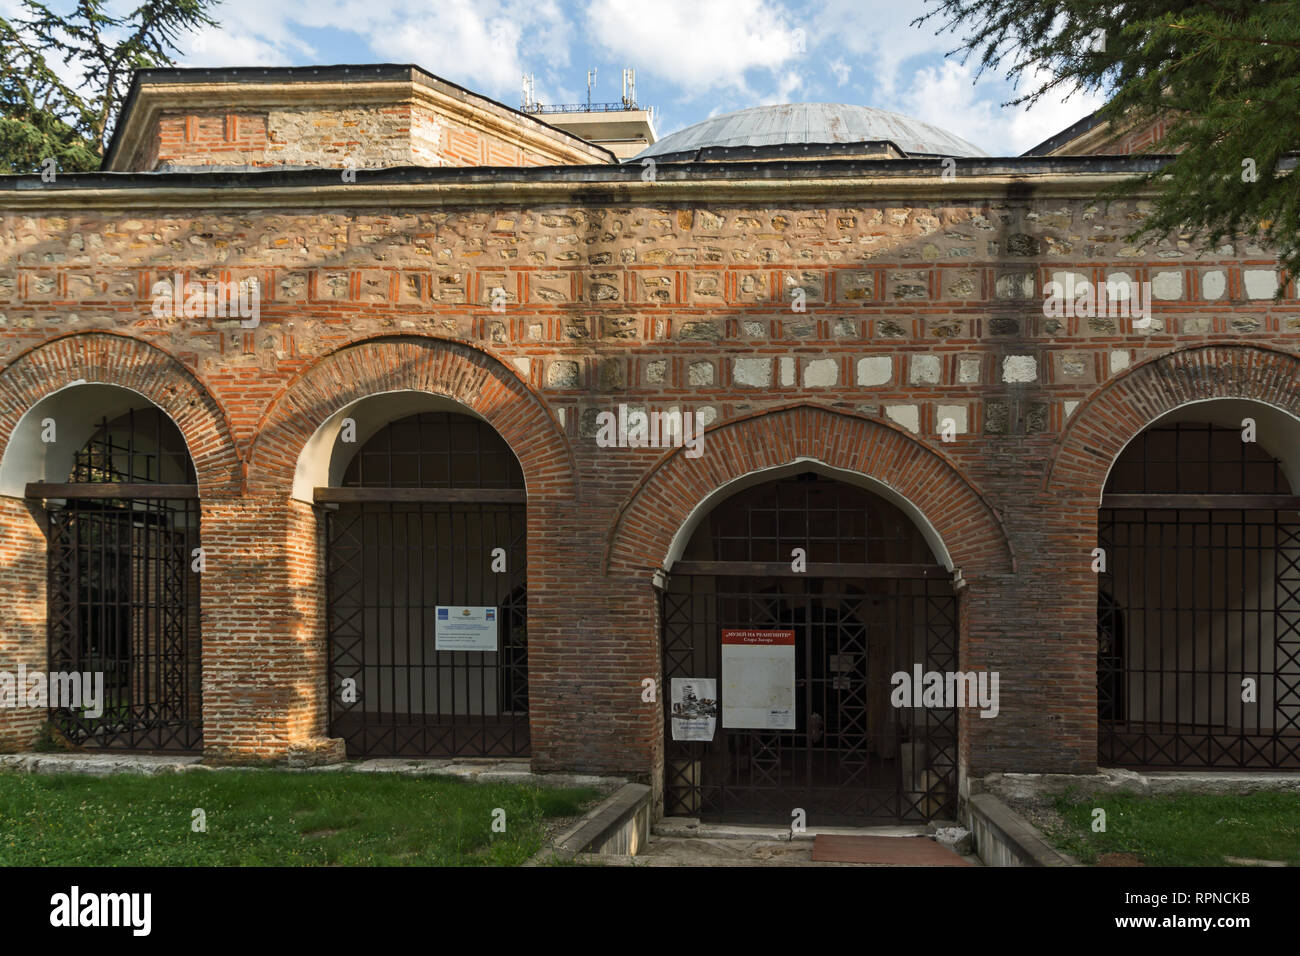 STARA Zagora, Bulgarien - August 5, 2018: Museum der Religionen in der Mitte der Stadt von Stara Zagora, Bulgarien Stockbild